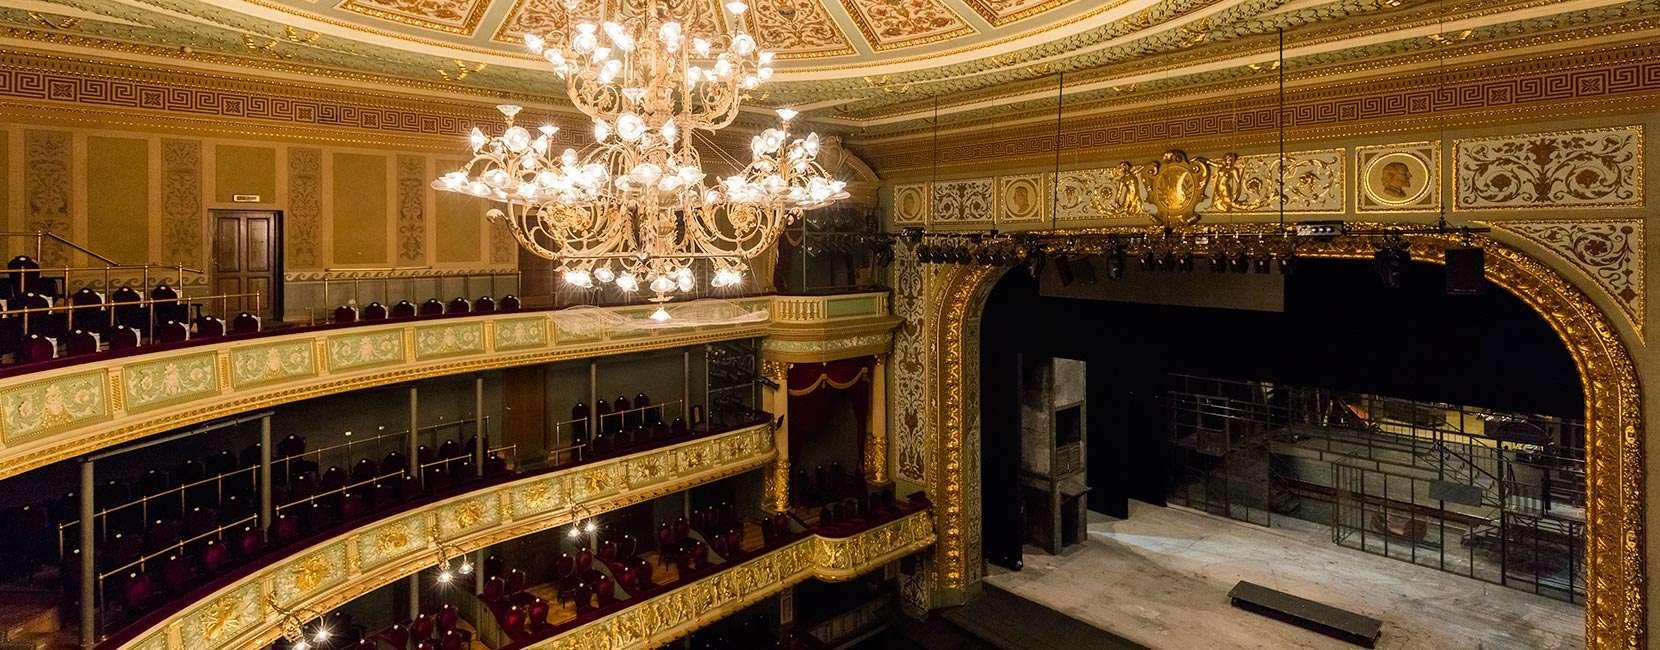 interno dell'Opera Nazionale Lettone